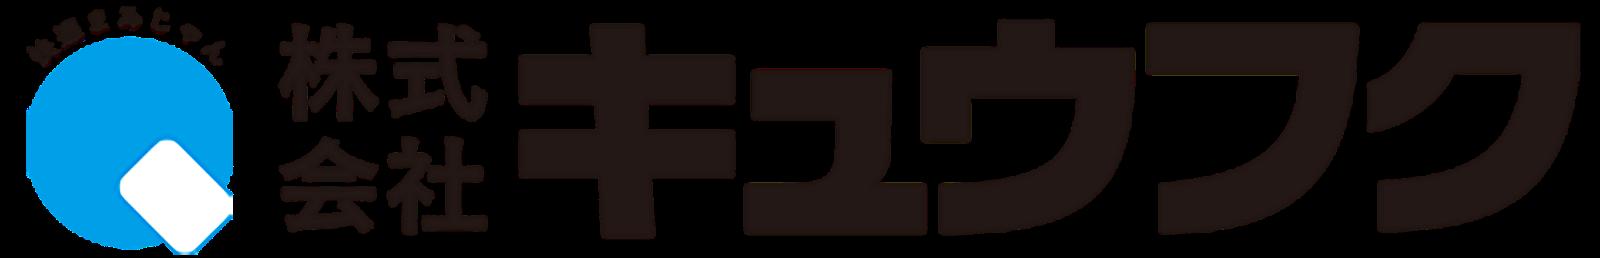 株式会社キュウフク|福岡県と九州近郊エリア|全自動麻雀卓の販売・レンタル・修理